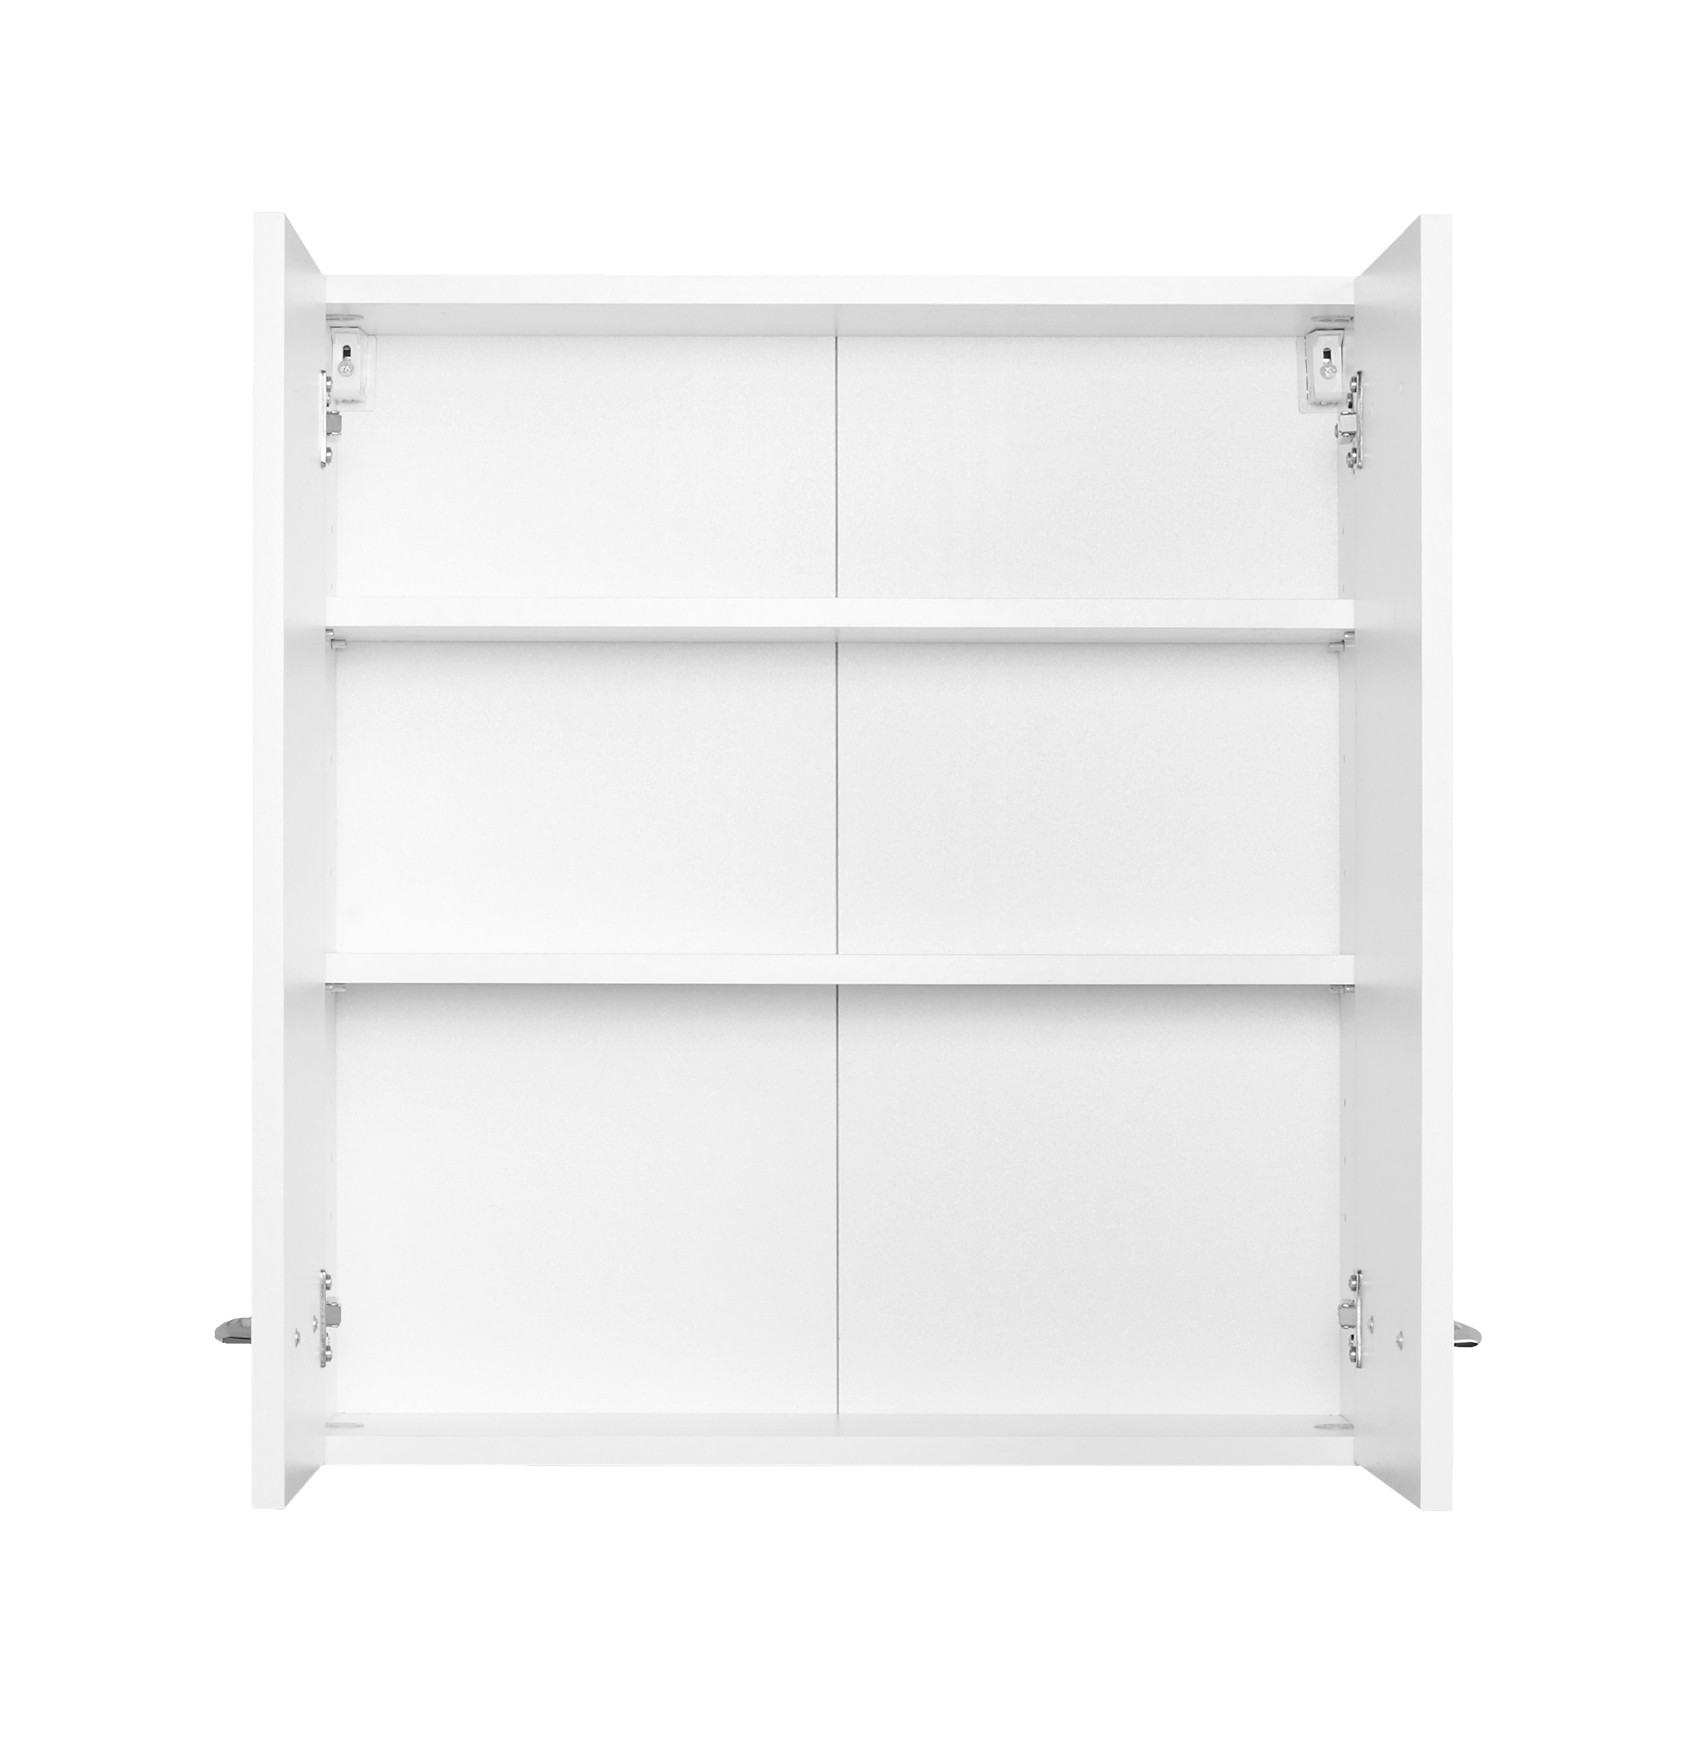 Bad-Hängeschrank PORTOFINO - 2-türig - 60 cm breit - Weiß Bad ...